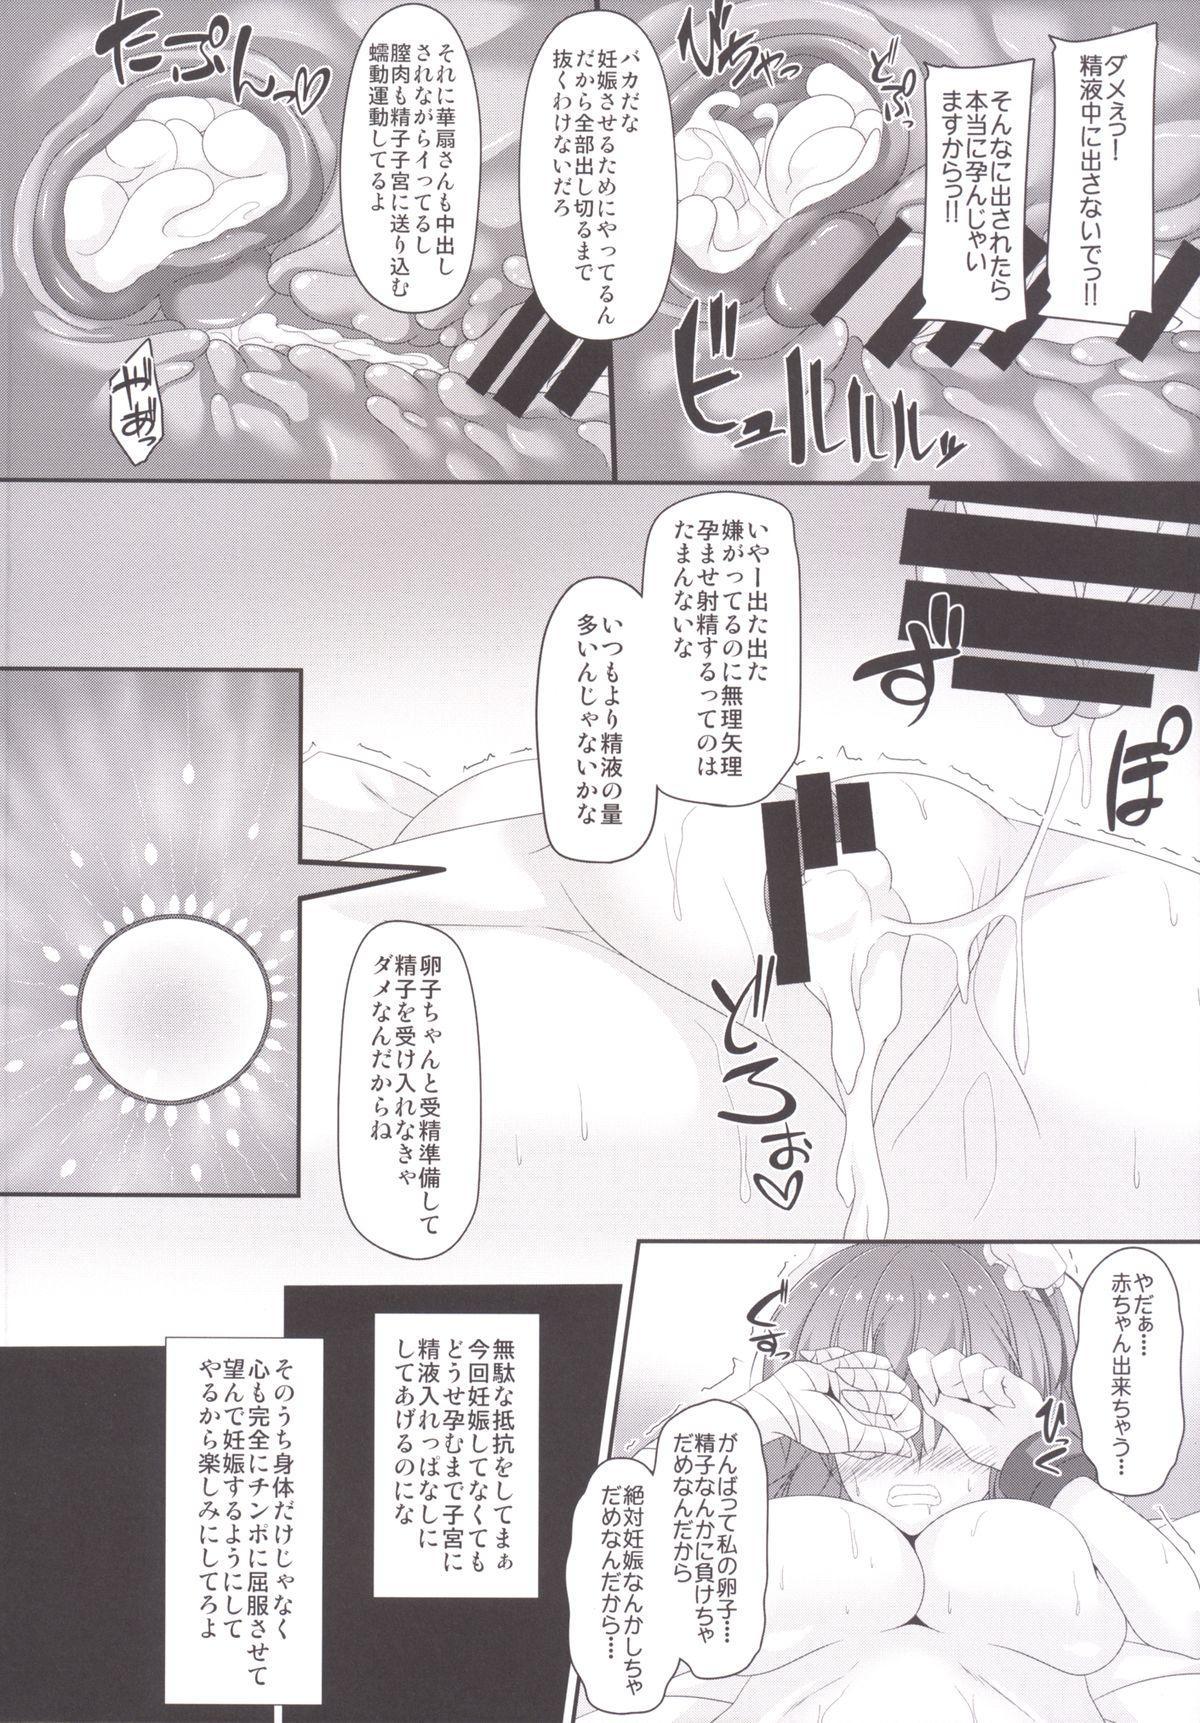 Momoiro Senjutsu 16